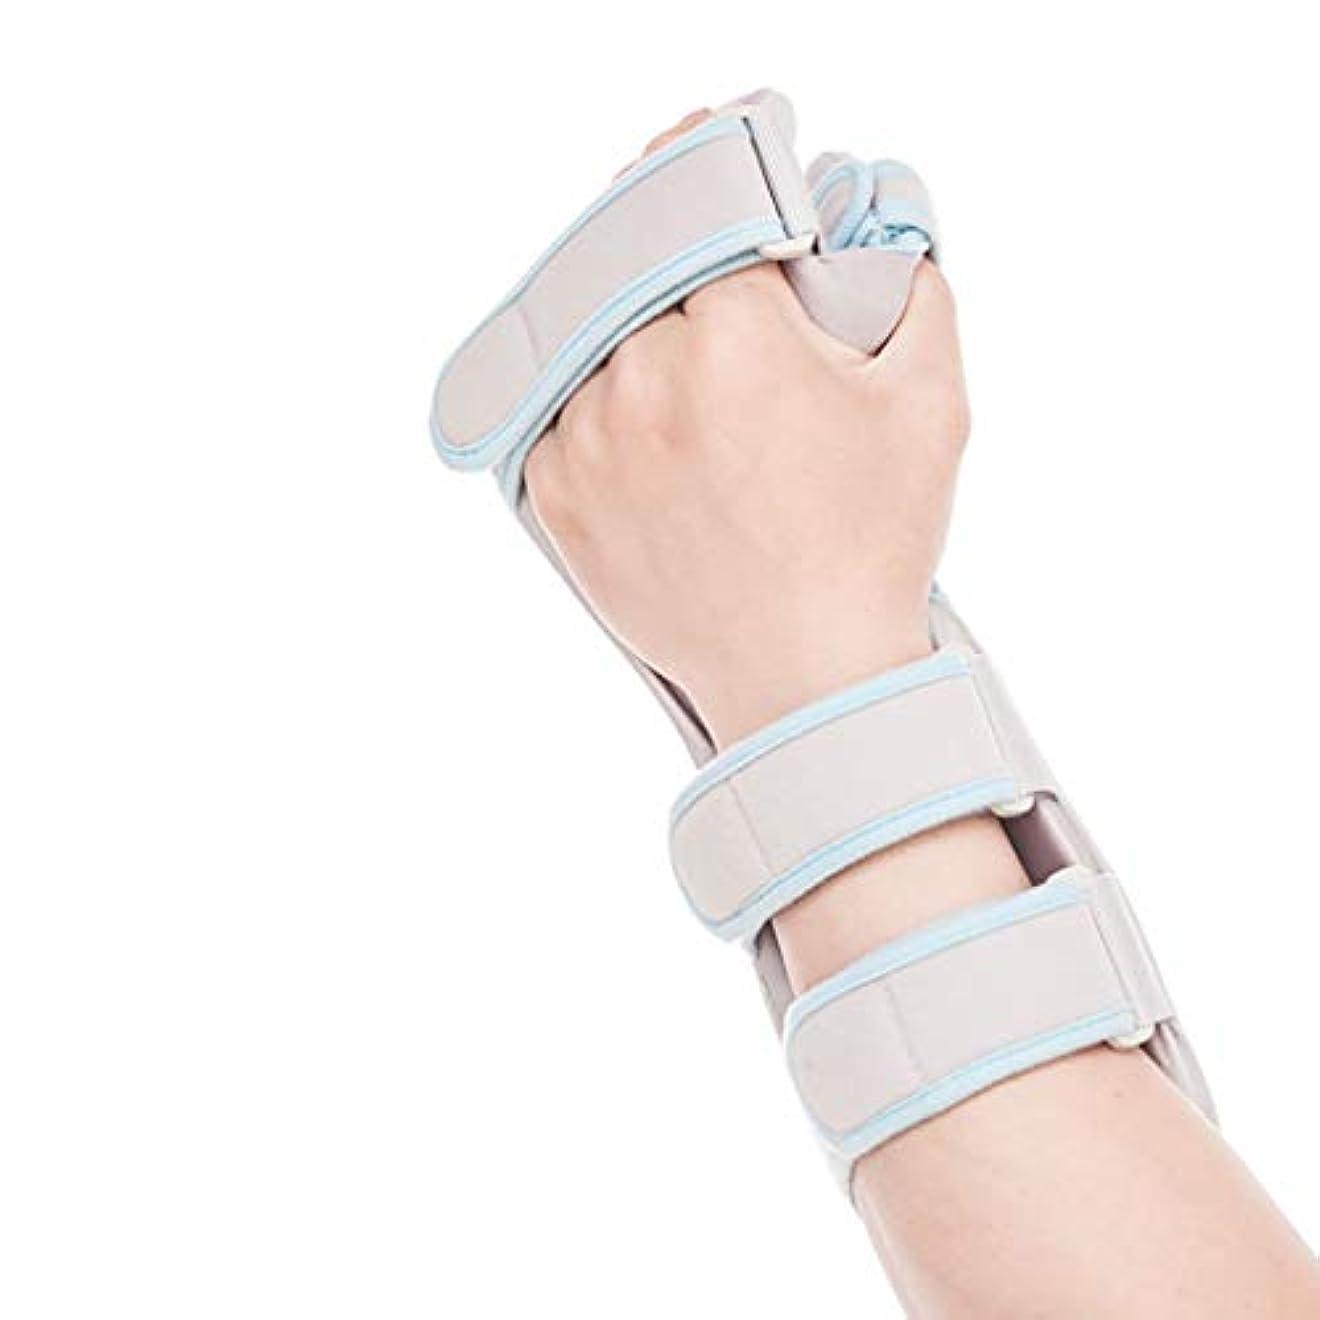 会員賛辞モディッシュ引き金用の指の延長副木指のマレット指の指のナックル固定指の骨折創傷術後のケアと痛みを軽減する指サポートトレーニングブレース,Lefthand